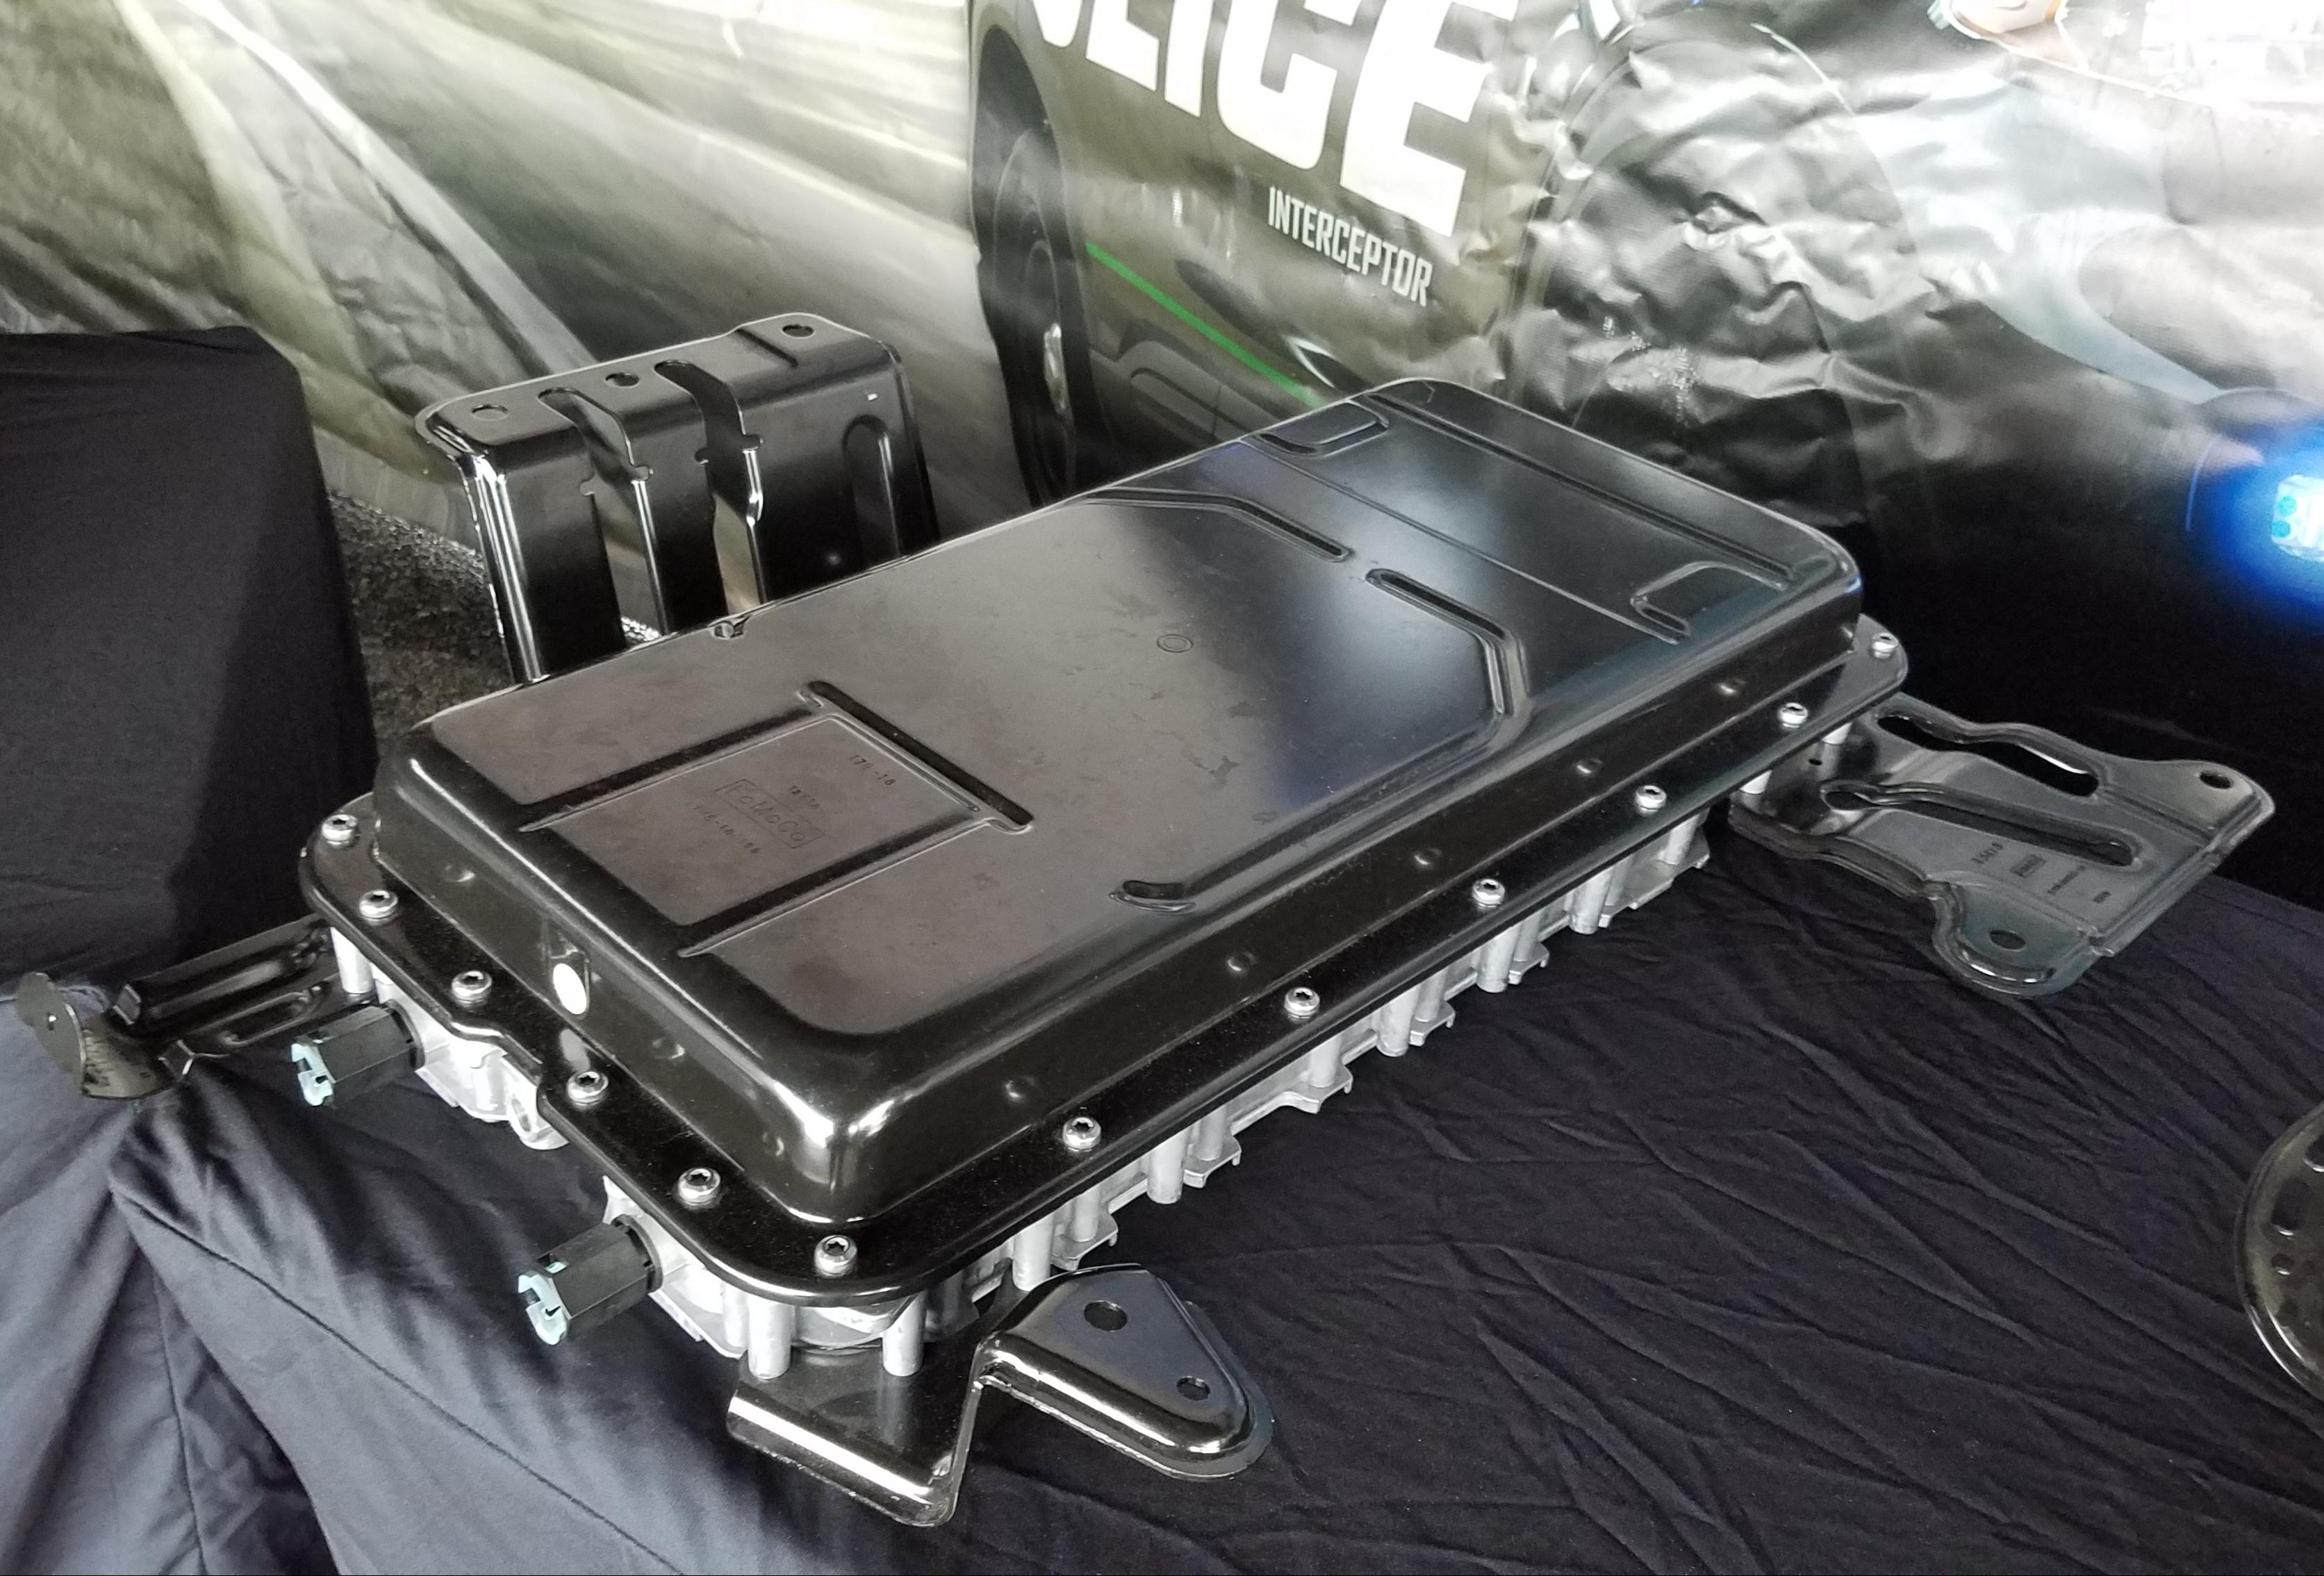 2020 Ford Explorer Hybrid Battery